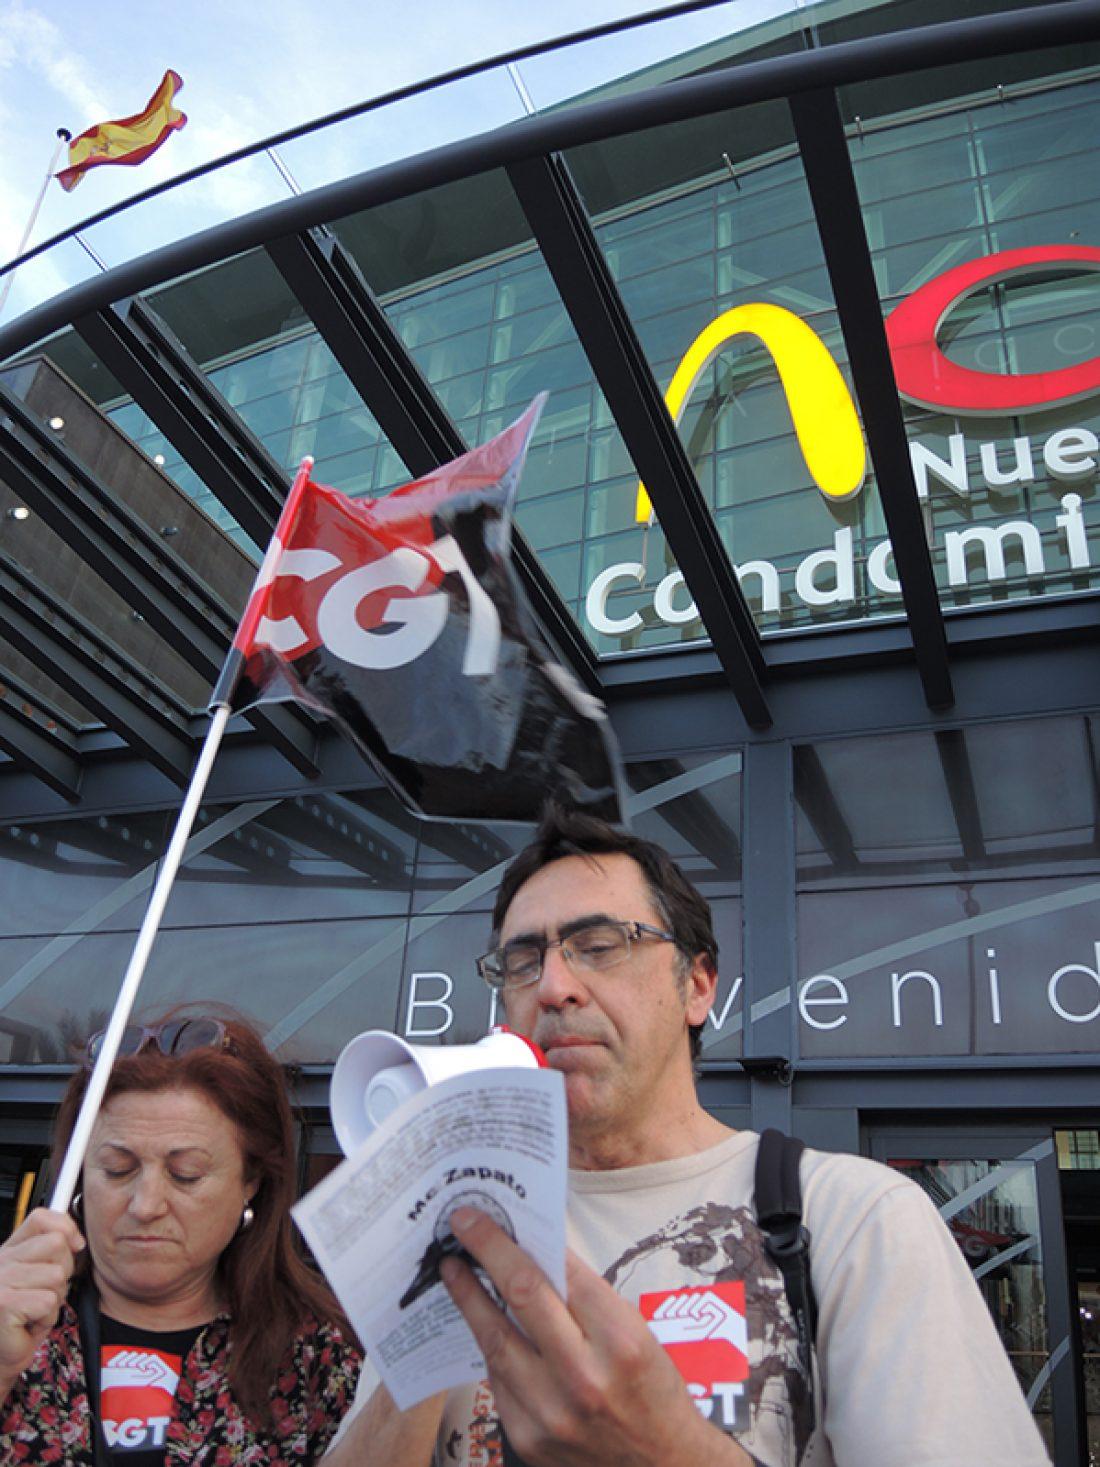 Protesta contra el despido de nuestra compañera en McDonalds